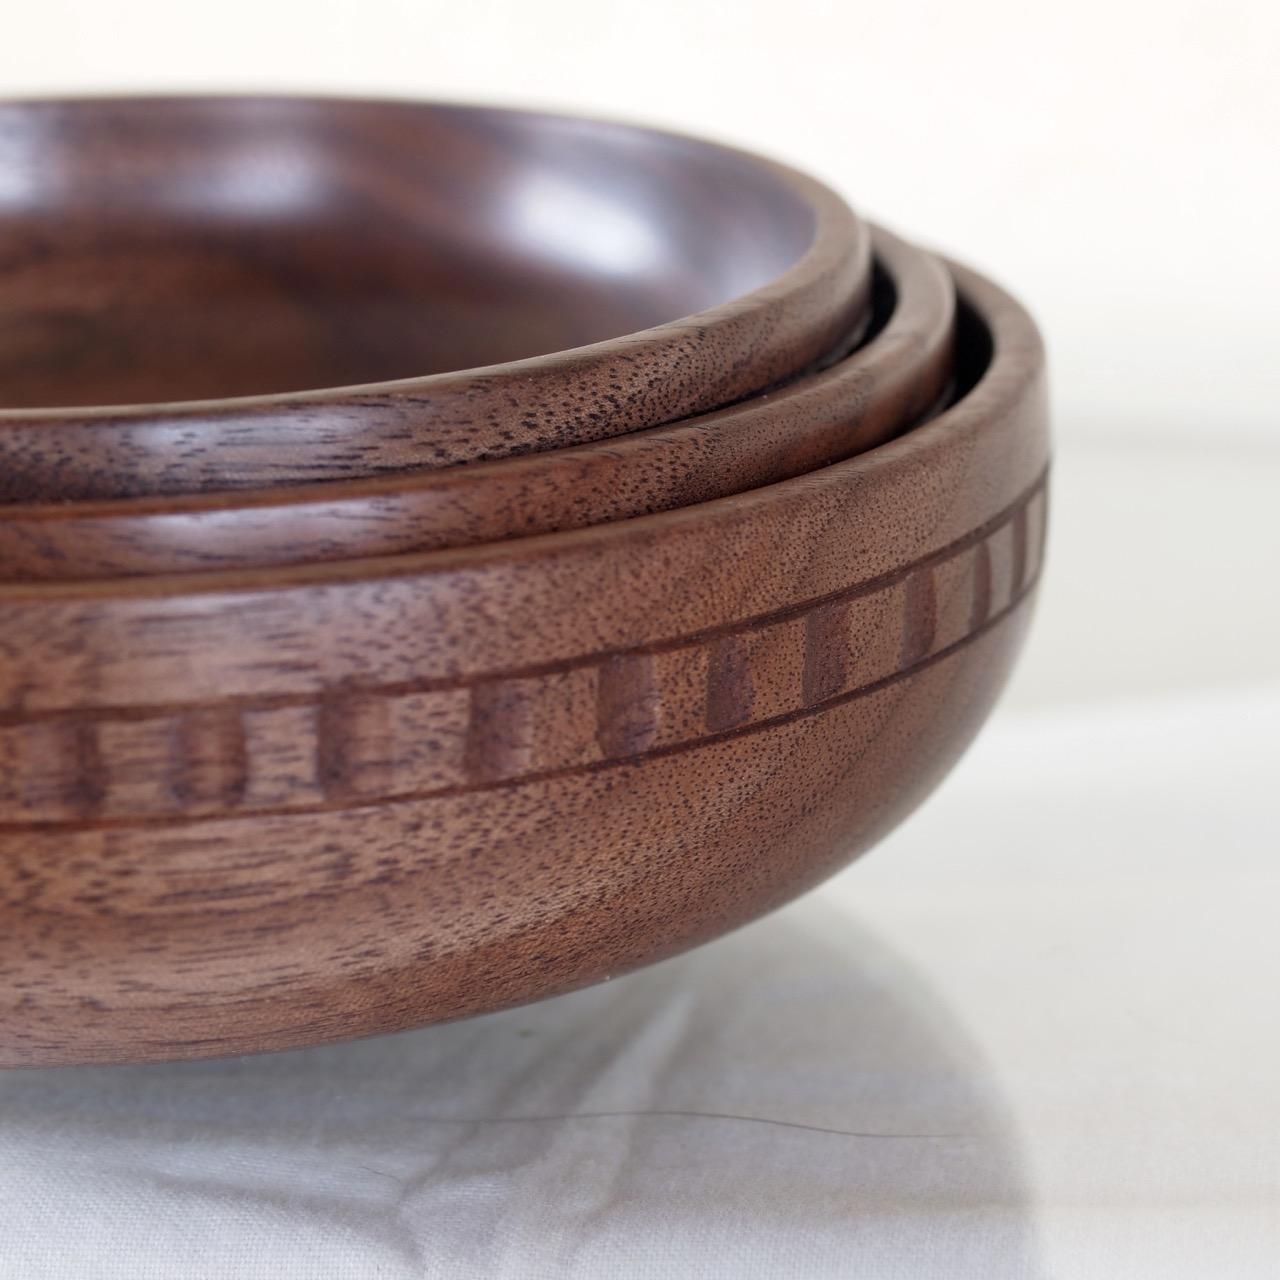 Ireko Bowl